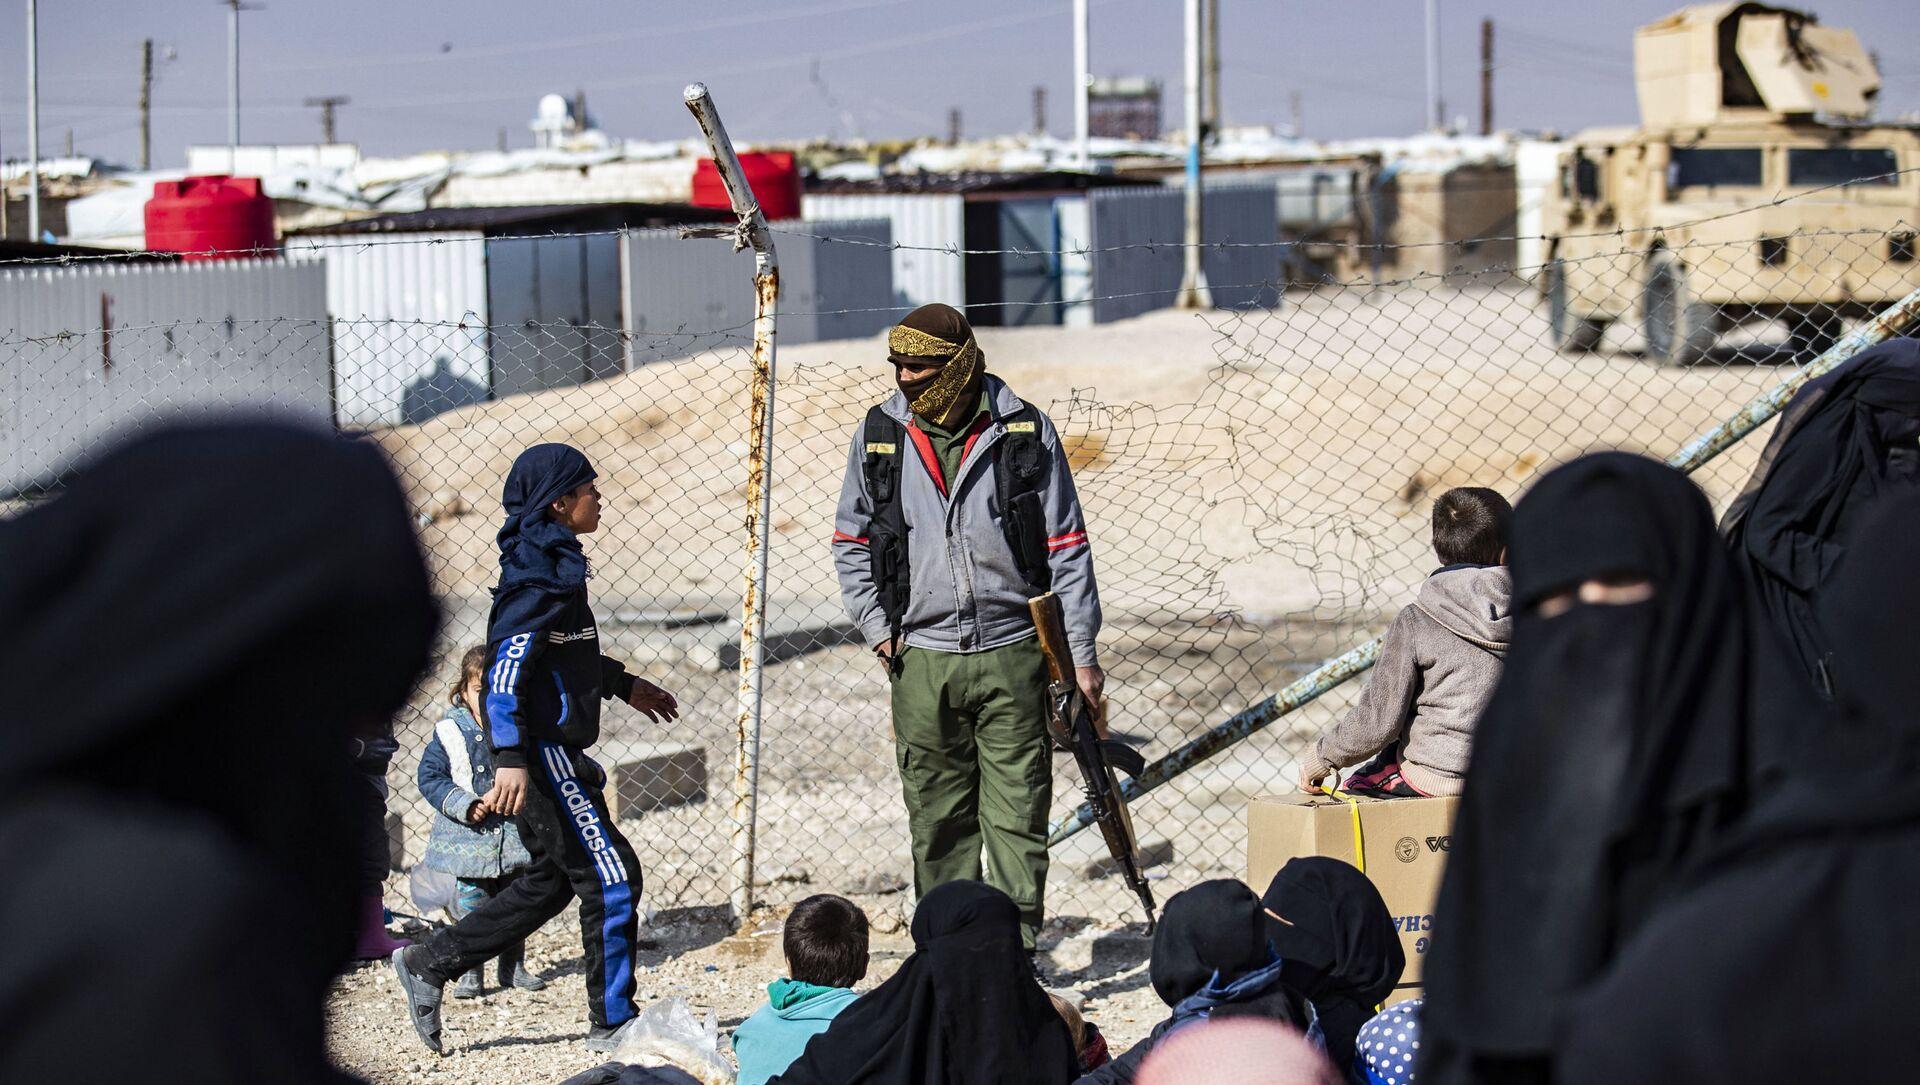 Un membre de la sécurité intérieure kurde monte la garde alors que des femmes conduisent des enfants avant leur départ, lors de la libération d'un autre groupe de familles syriennes du camp kurde d'al-Hol, qui détient des parents présumés de combattants du groupe de l'État islamique (IS), dans le gouvernorat de Hasakeh, au nord-est de la Syrie, le 28 janvier 2021. Delil SOULEIMAN / AFP  - Sputnik France, 1920, 13.02.2021